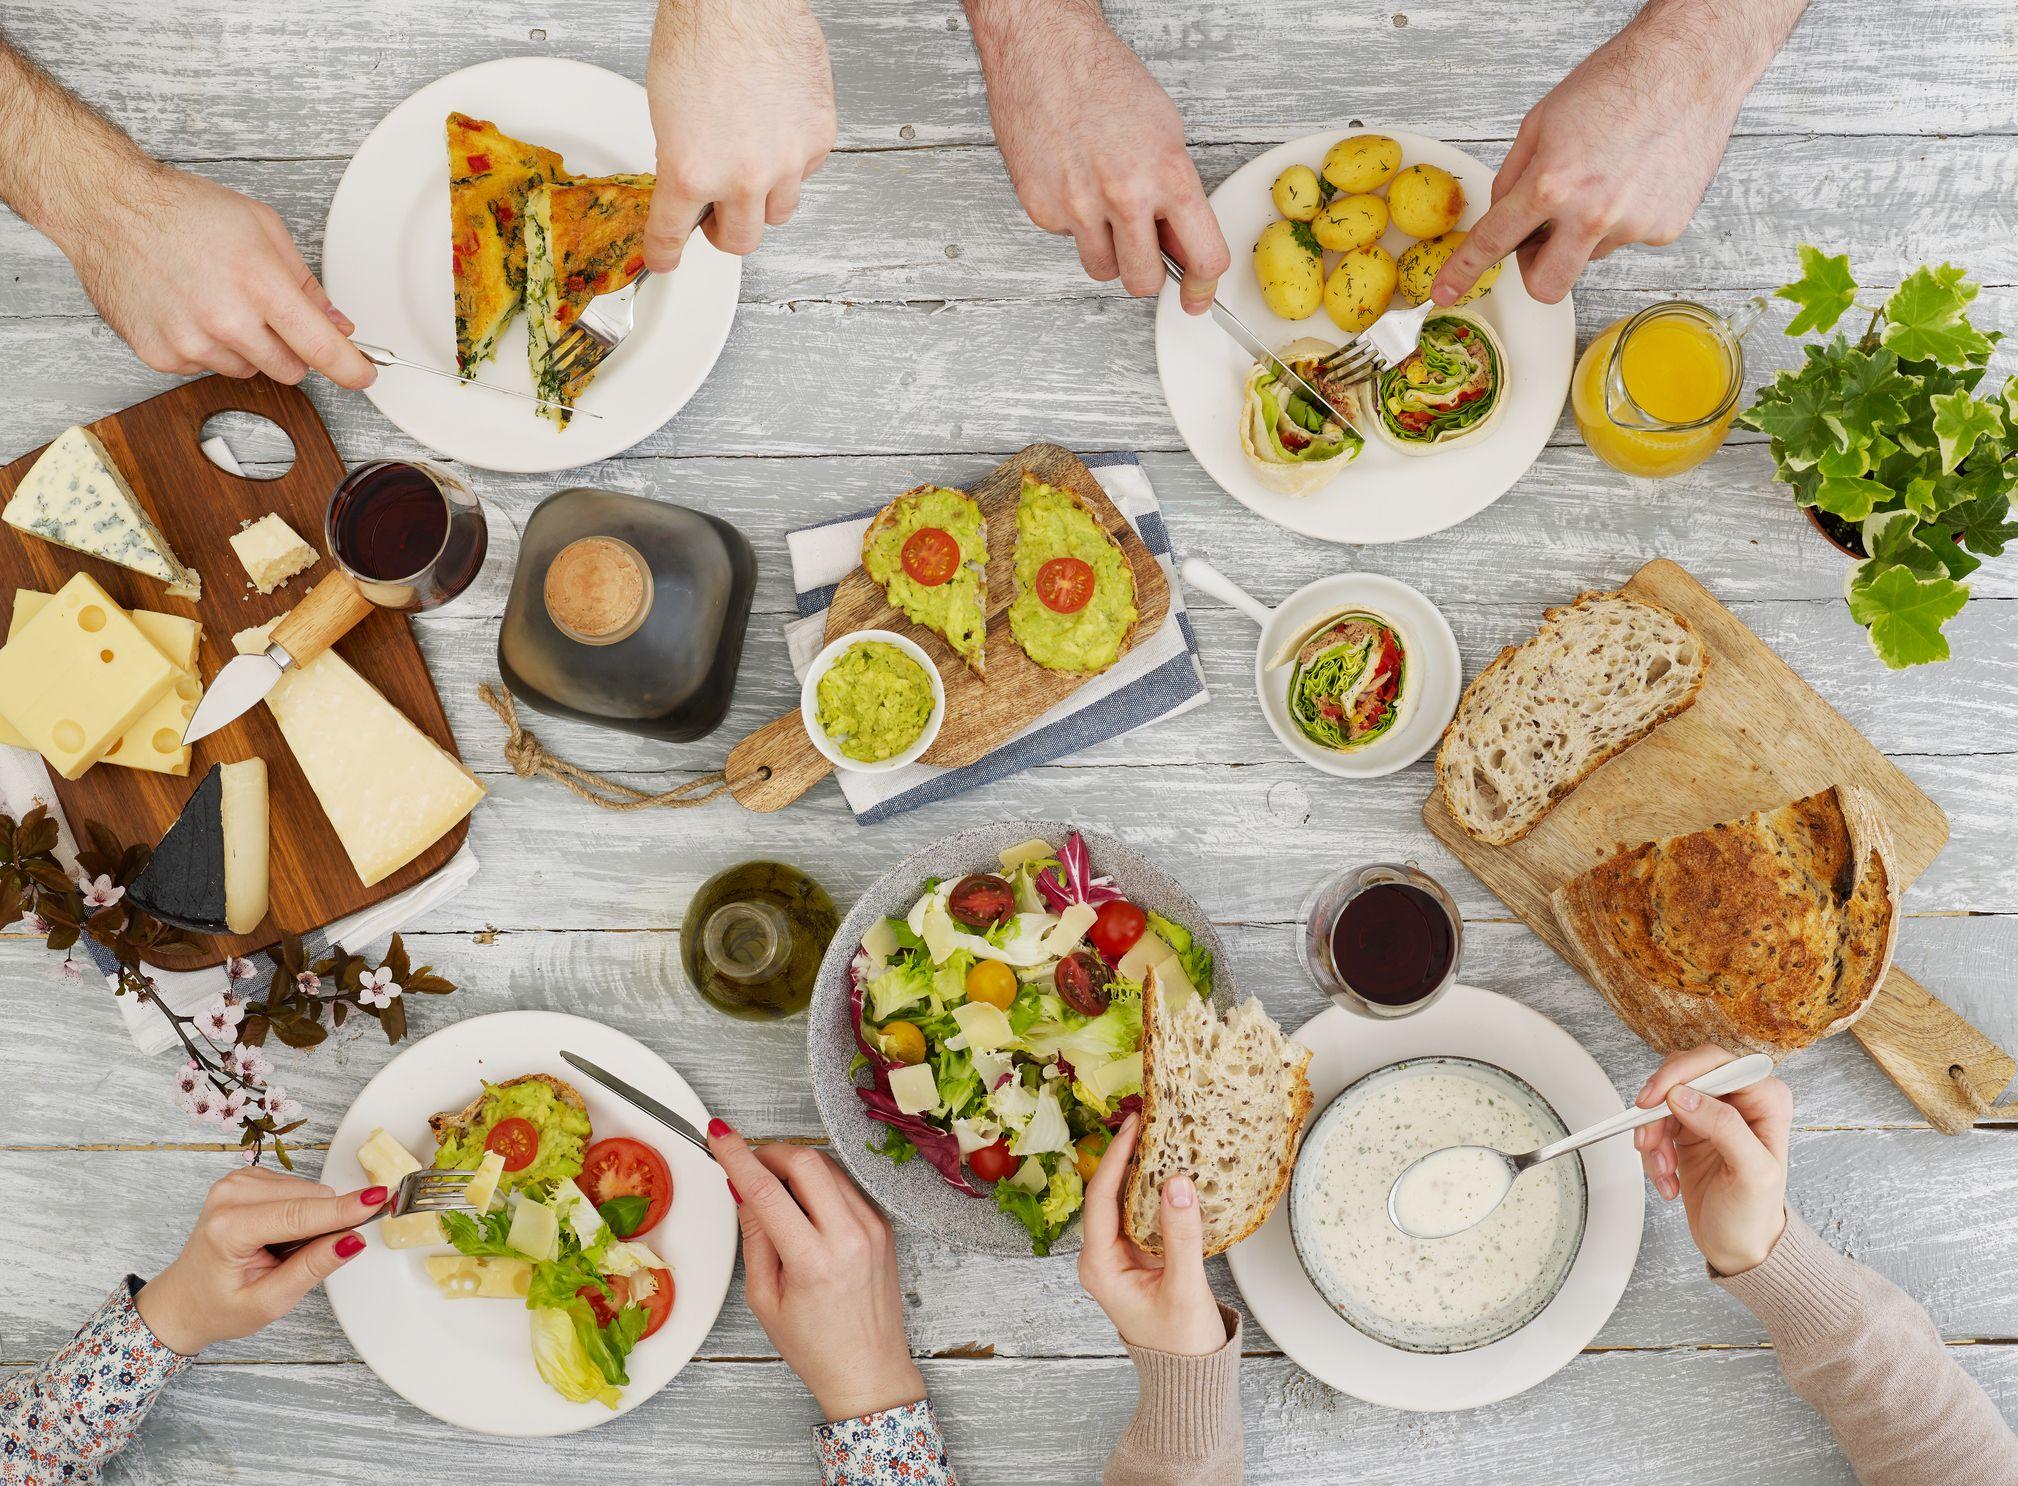 Oregon Christmas Dinner Restaurants Near Me 2021 Restaurants Open On Memorial Day 2021 Where To Eat On Memorial Day